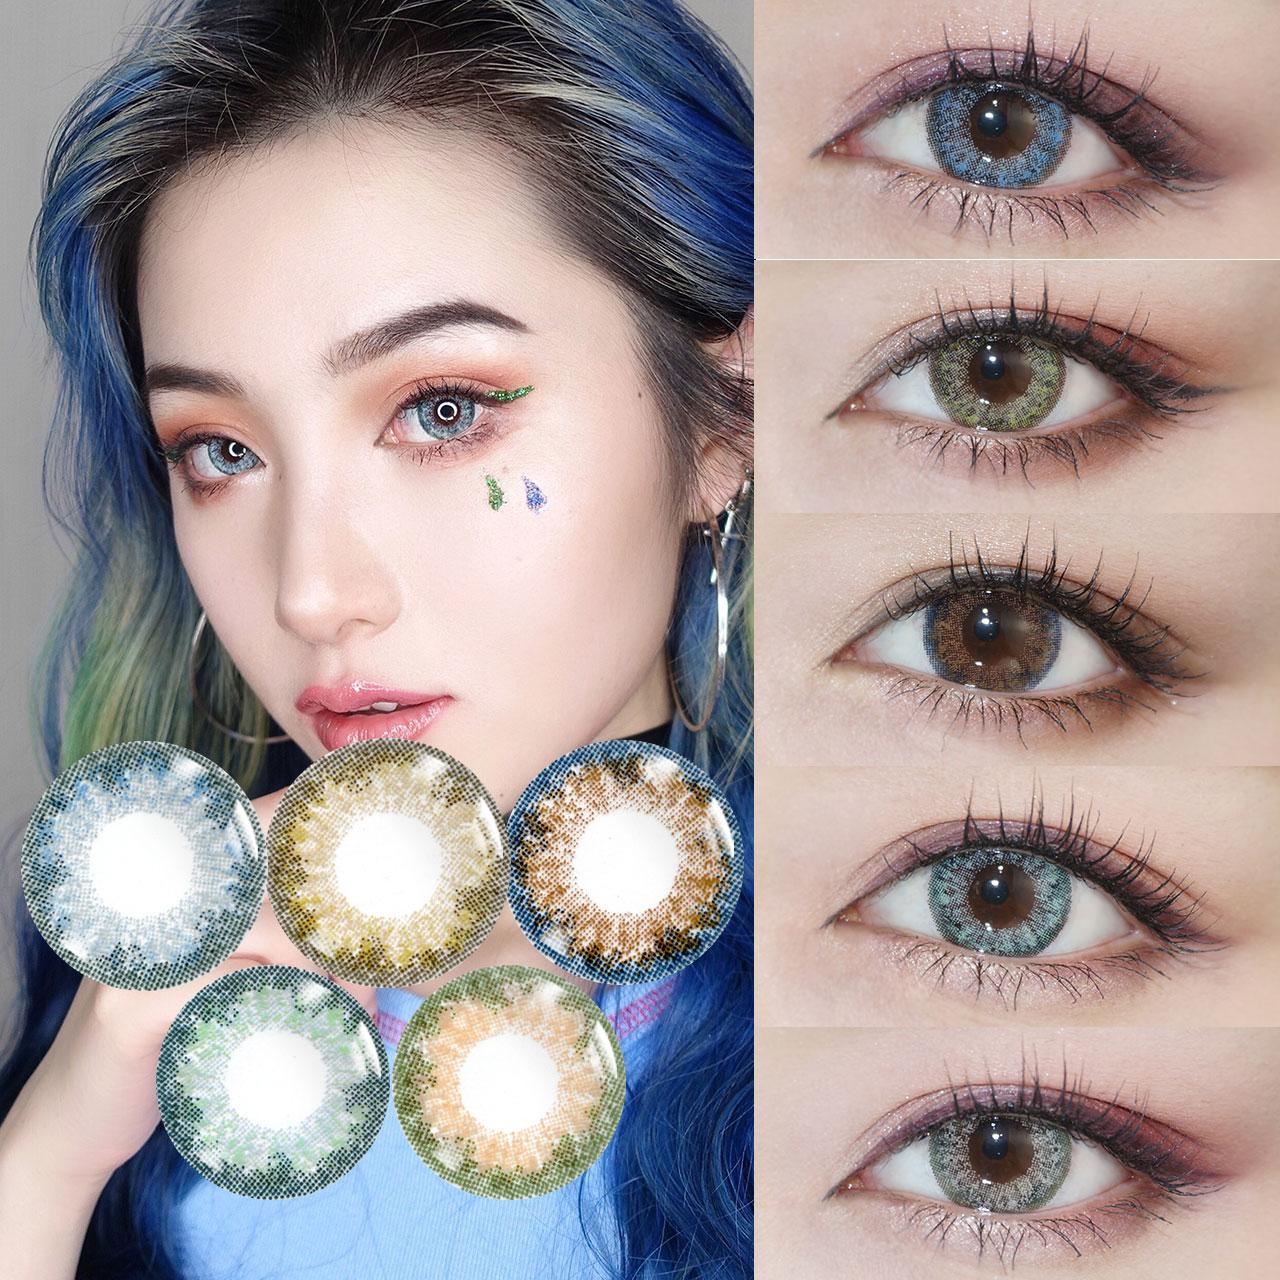 Корея DREAMCON смешивать кровь прекрасный зрачок размер диаметр серый синий цвет цвет хитрость близорукость очки год бросать KB